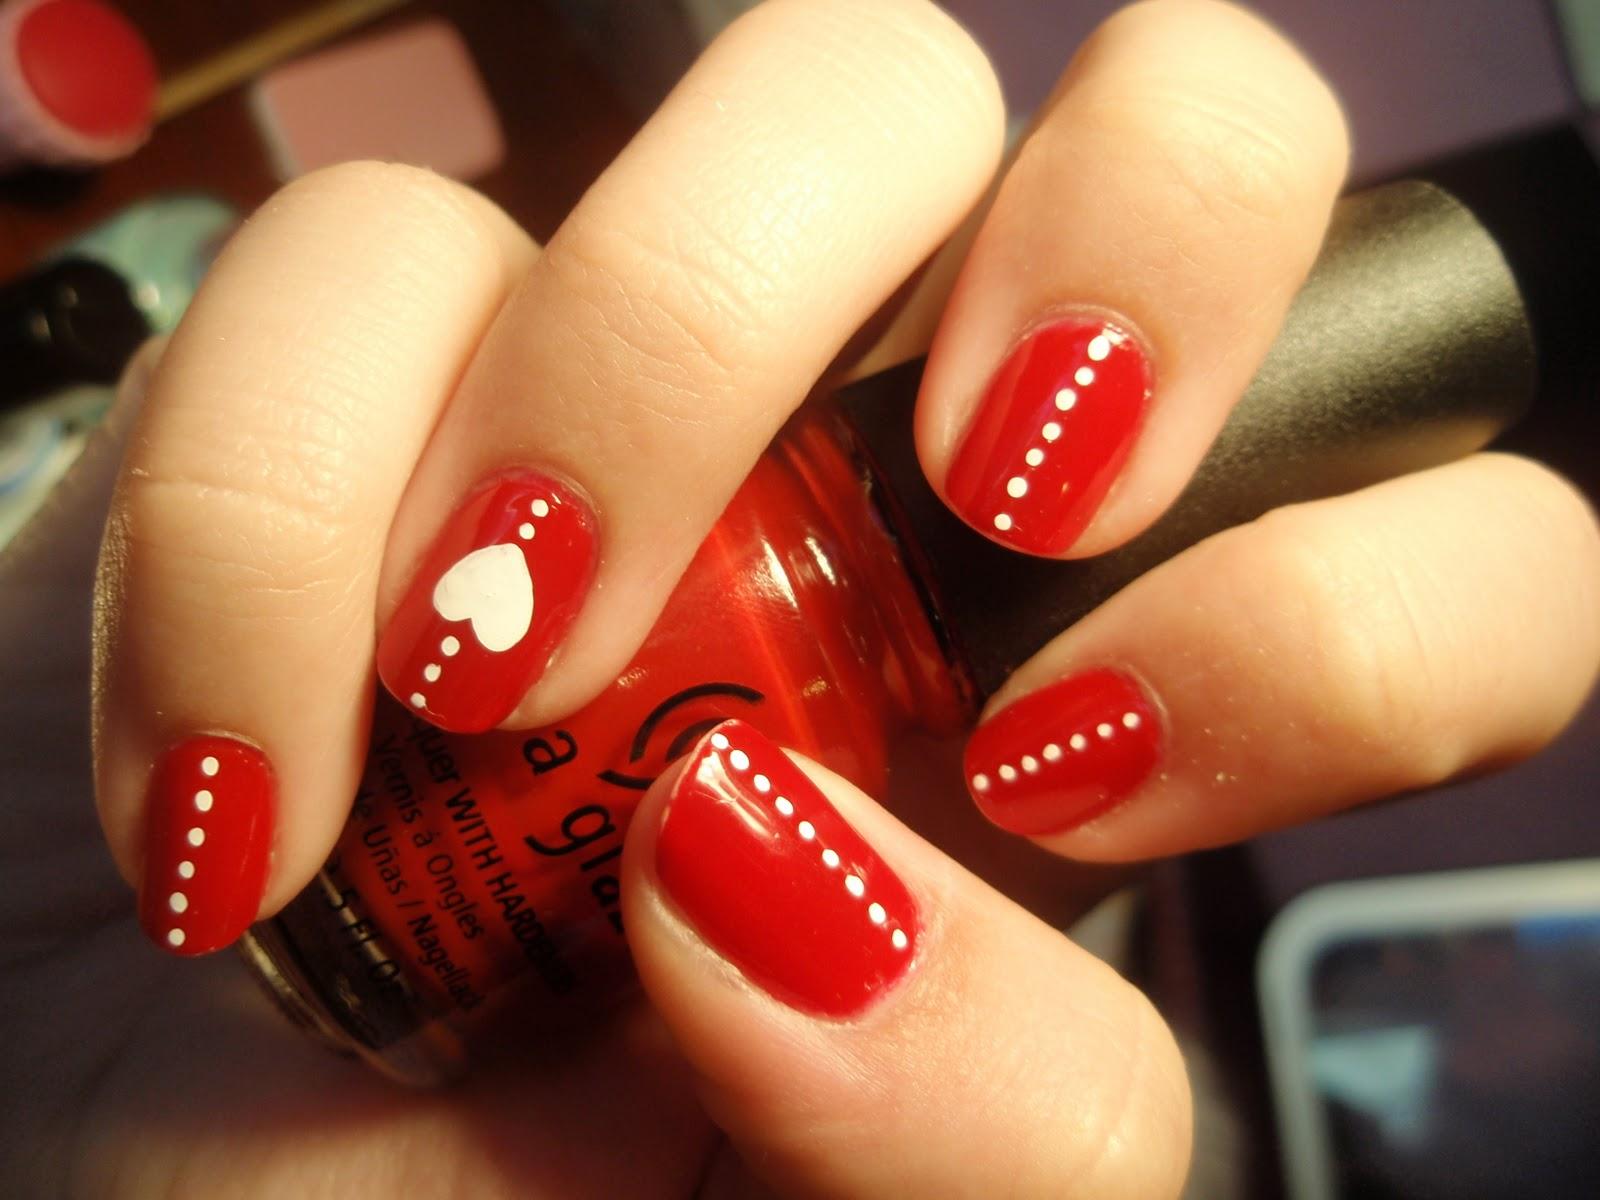 Stylish red nail polish spring 2012 - Nail designs 2013 ...